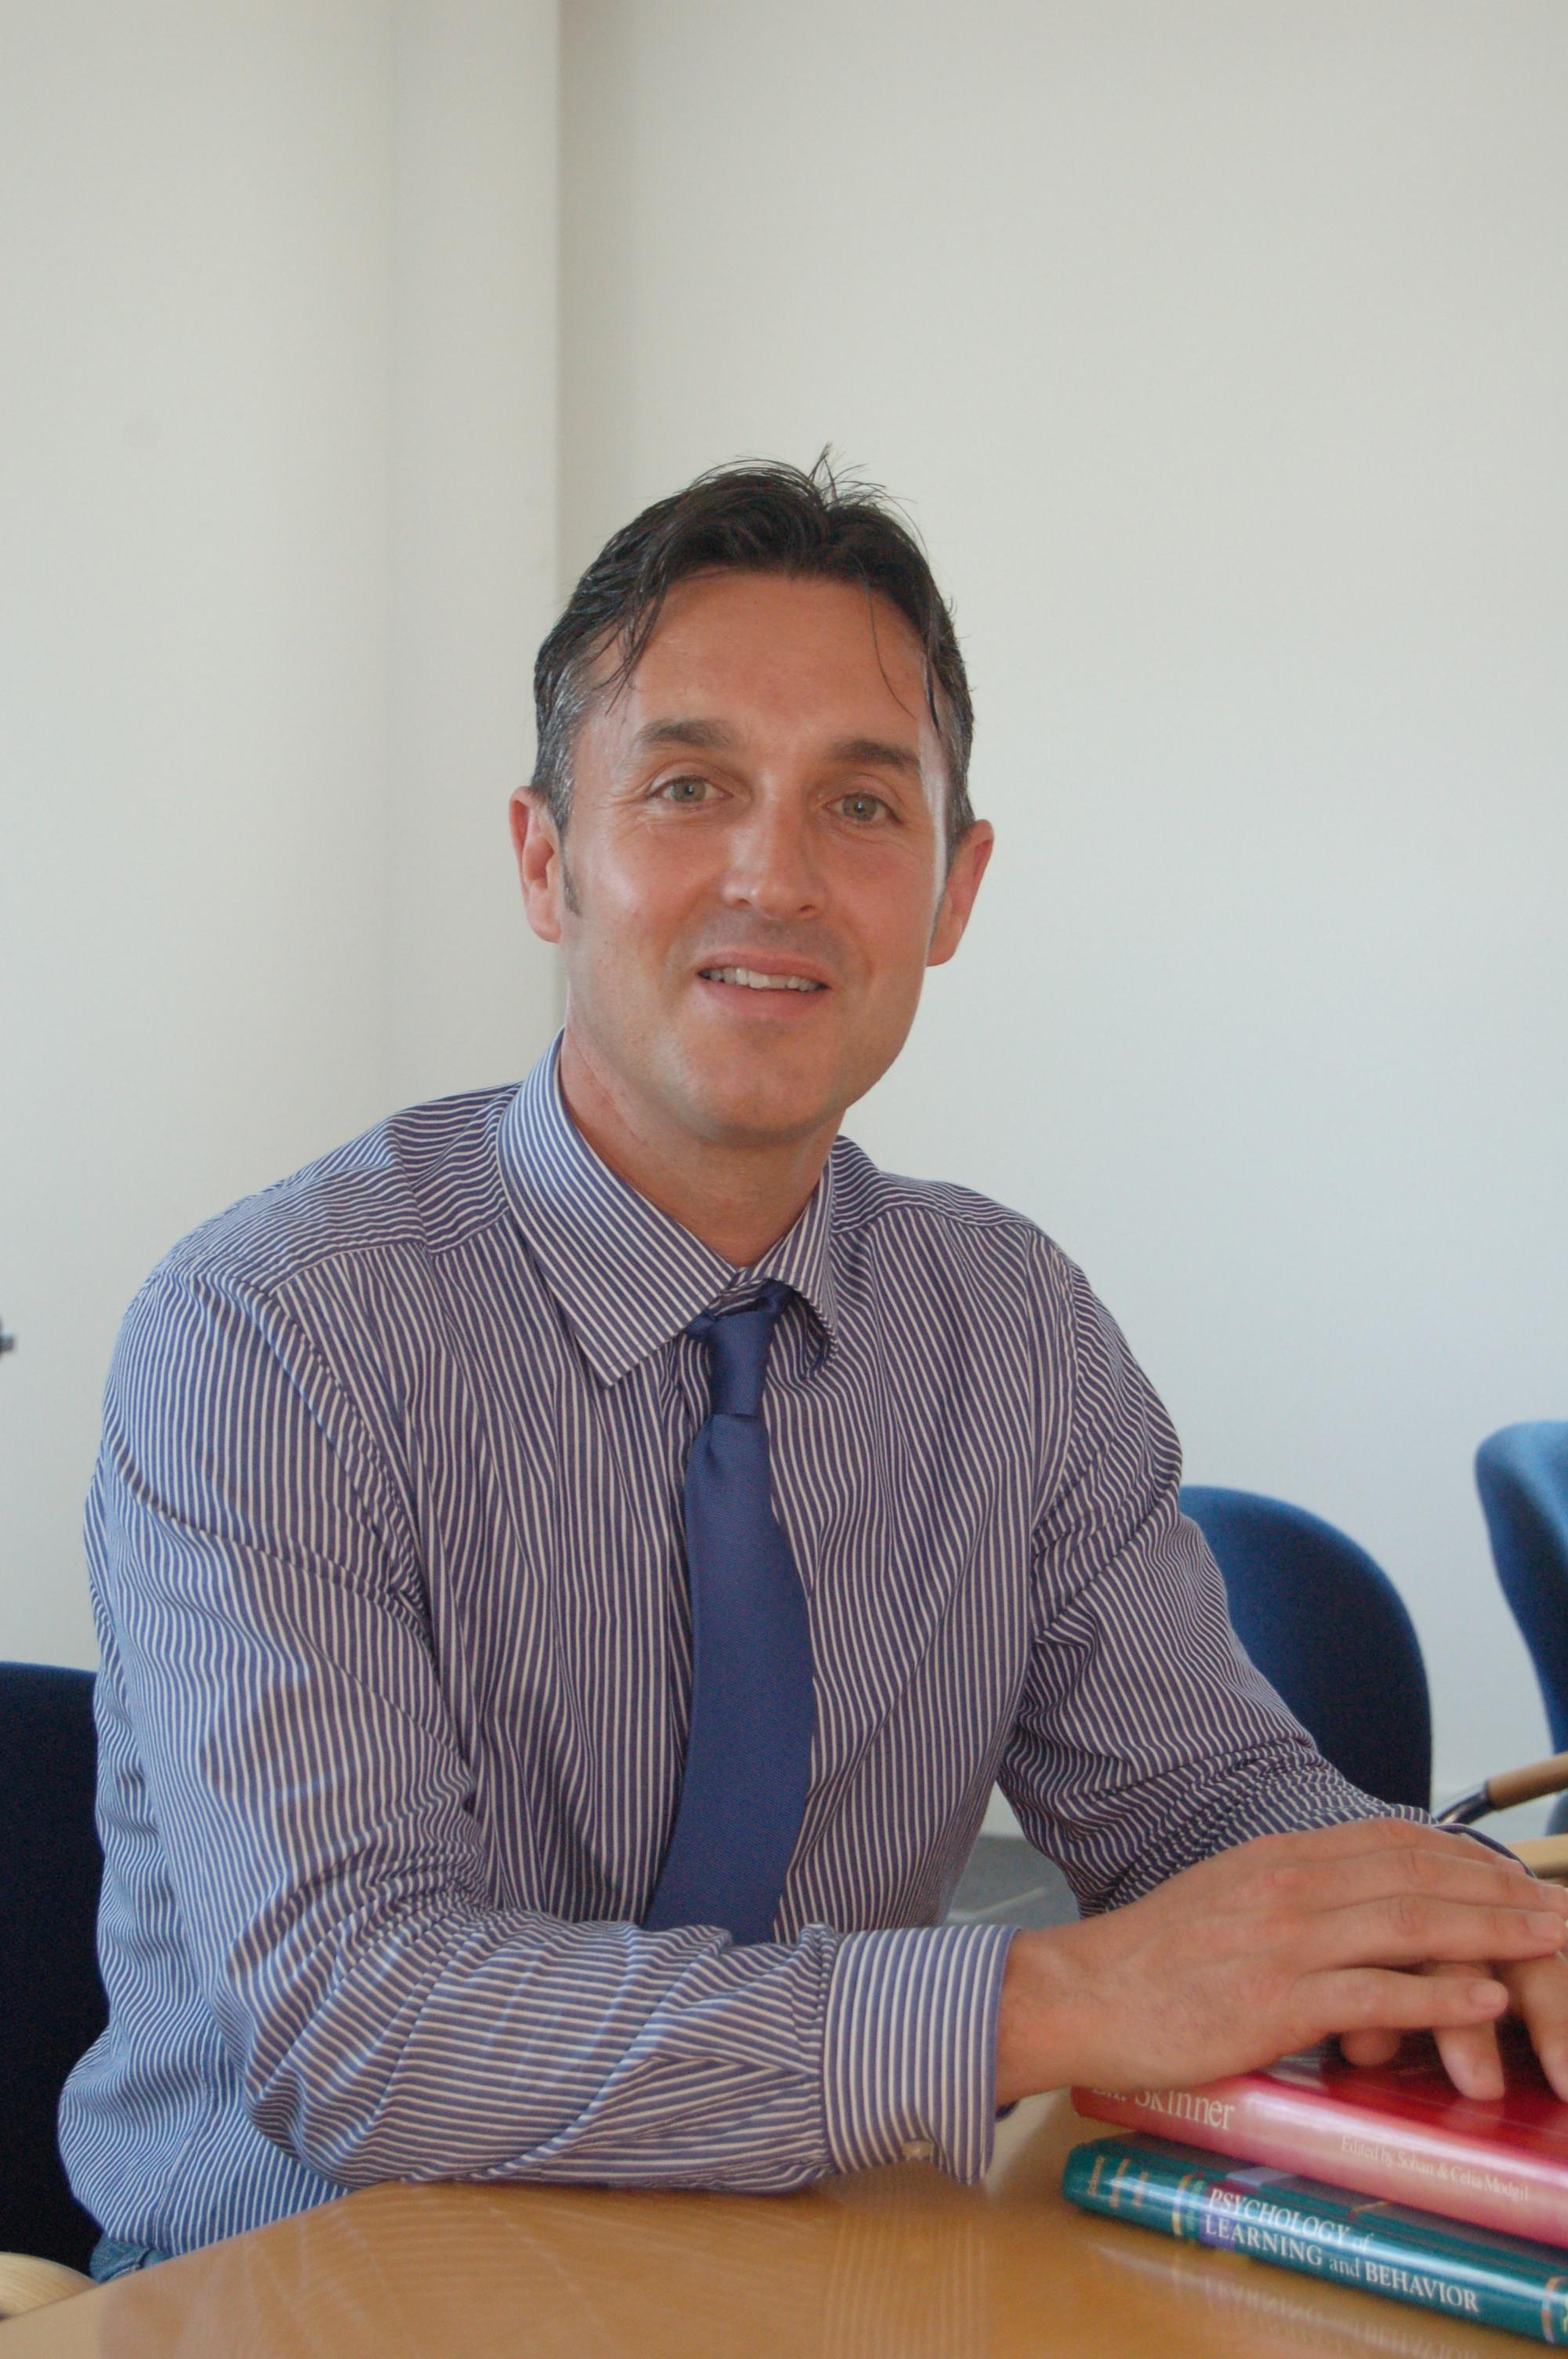 Prof Carl Hughes